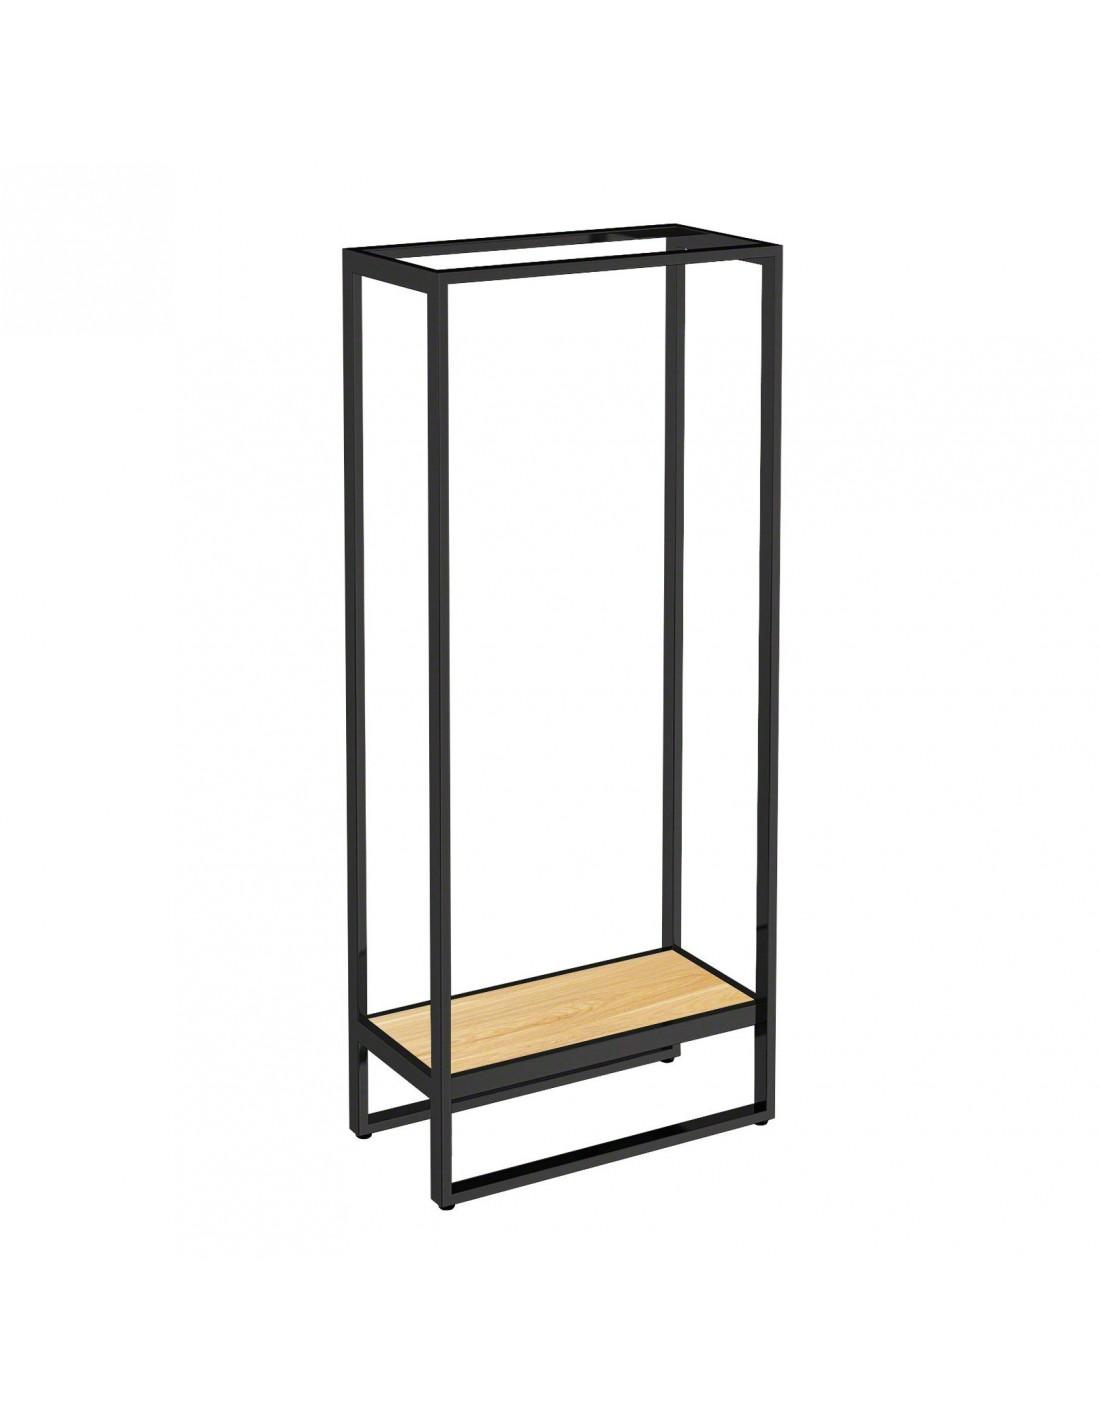 porte serviette sur pied par la marque cosmic. Black Bedroom Furniture Sets. Home Design Ideas